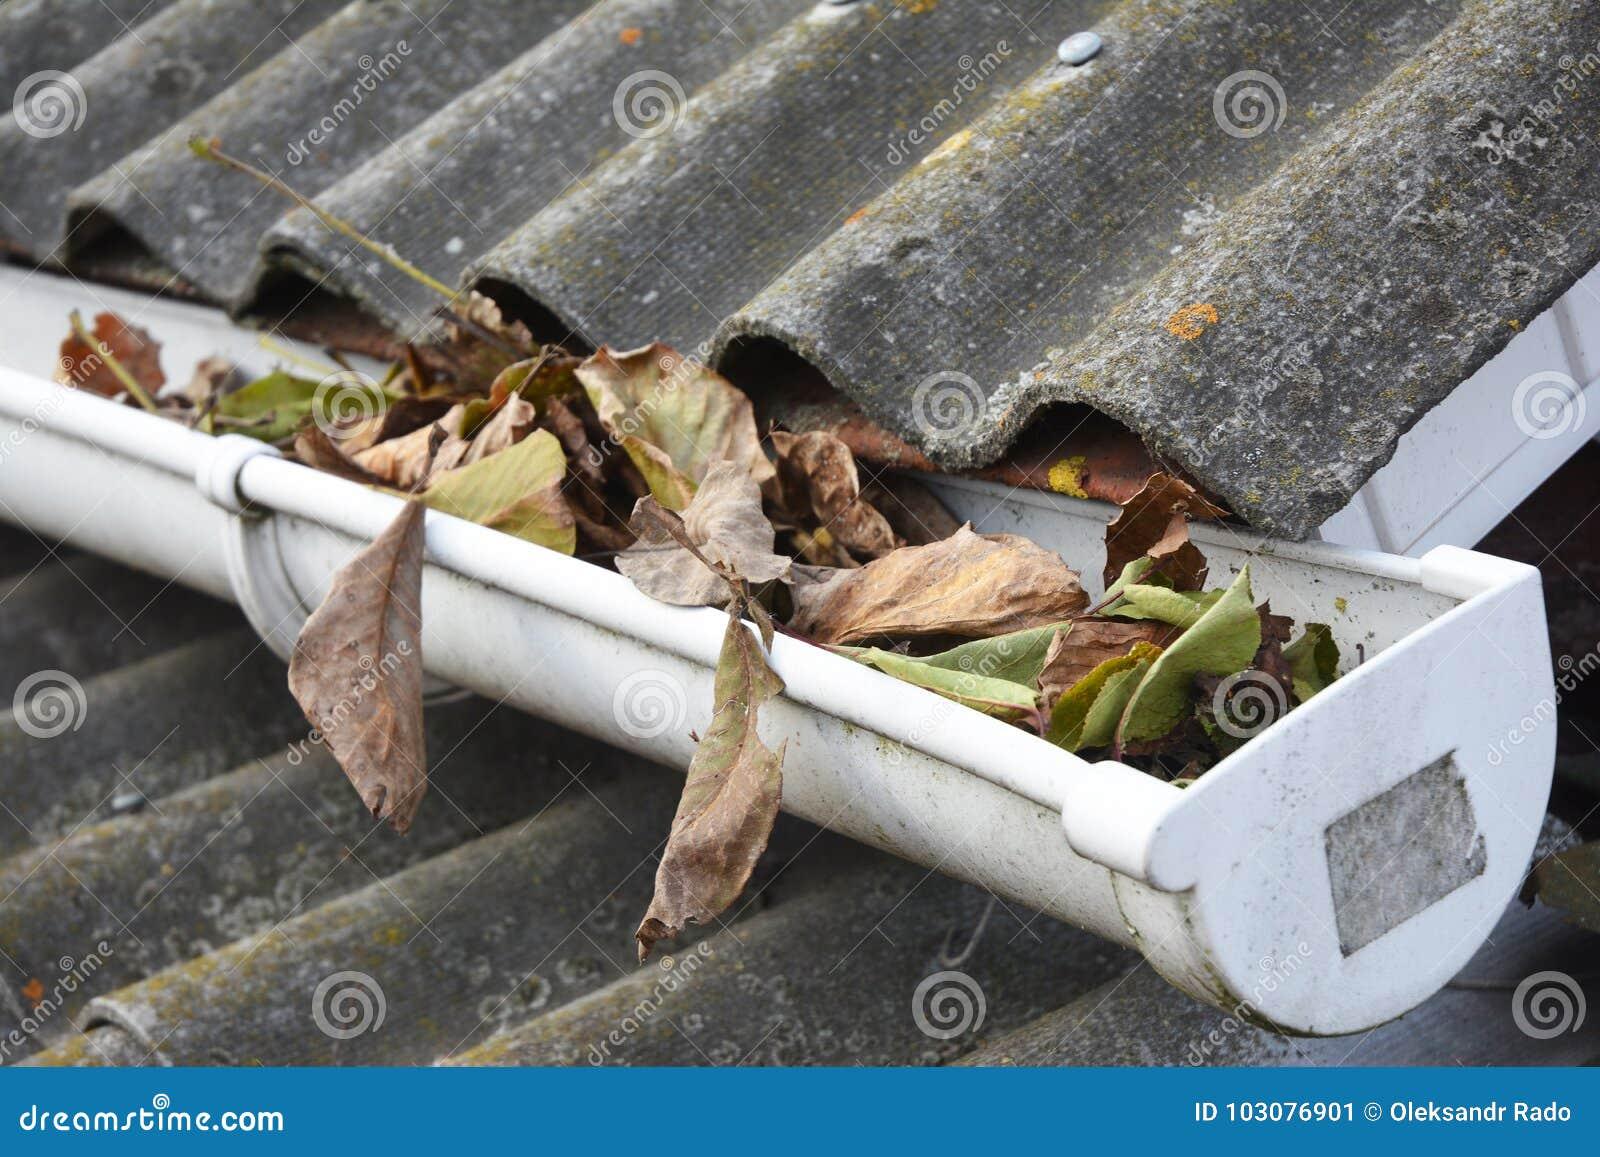 Dakgoot het Schoonmaken van Bladeren in de Herfst Maak Uw Goten schoon alvorens zij Uw Portefeuille leeghalen Dakgoot het Schoonm